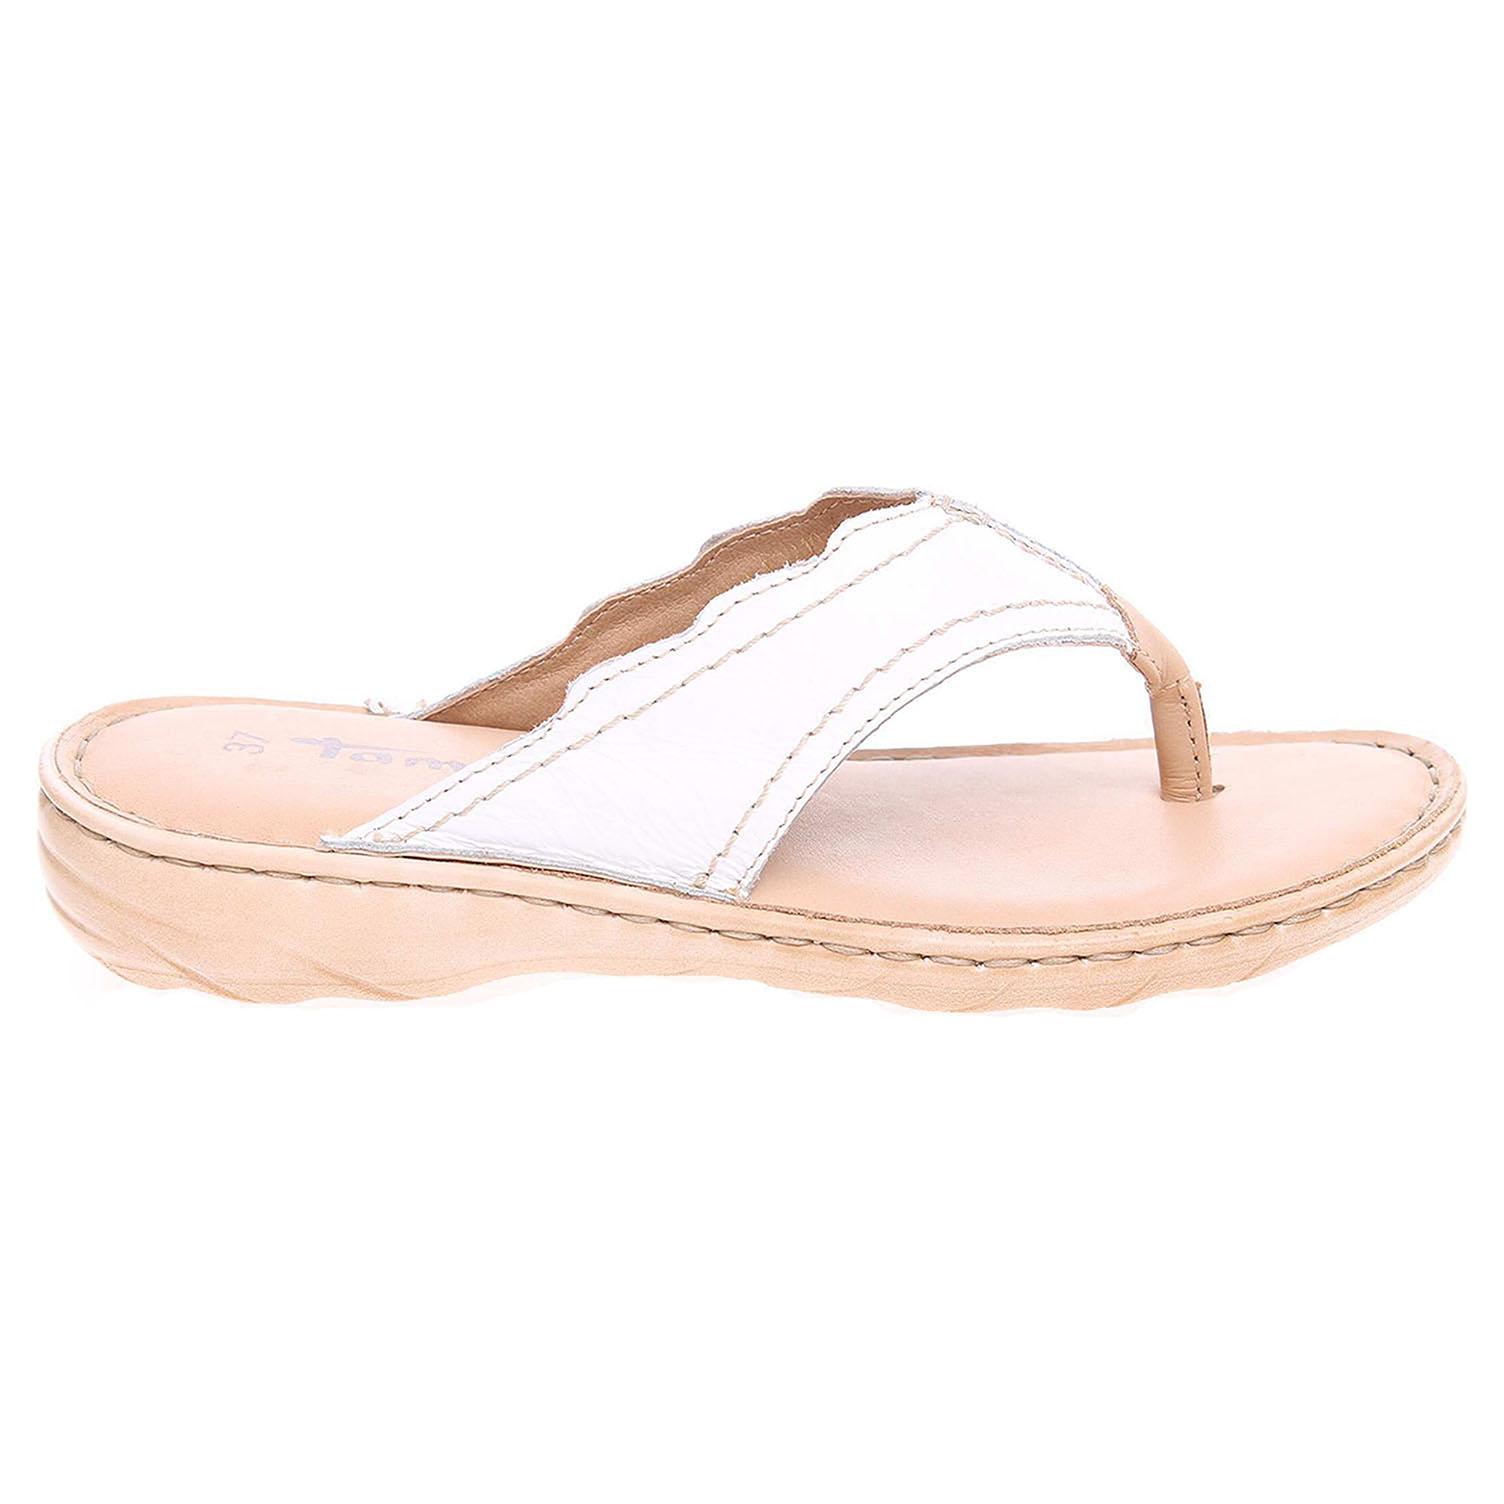 Ecco Tamaris dámské pantofle 1-27210-28 bílá-béžová 23600759